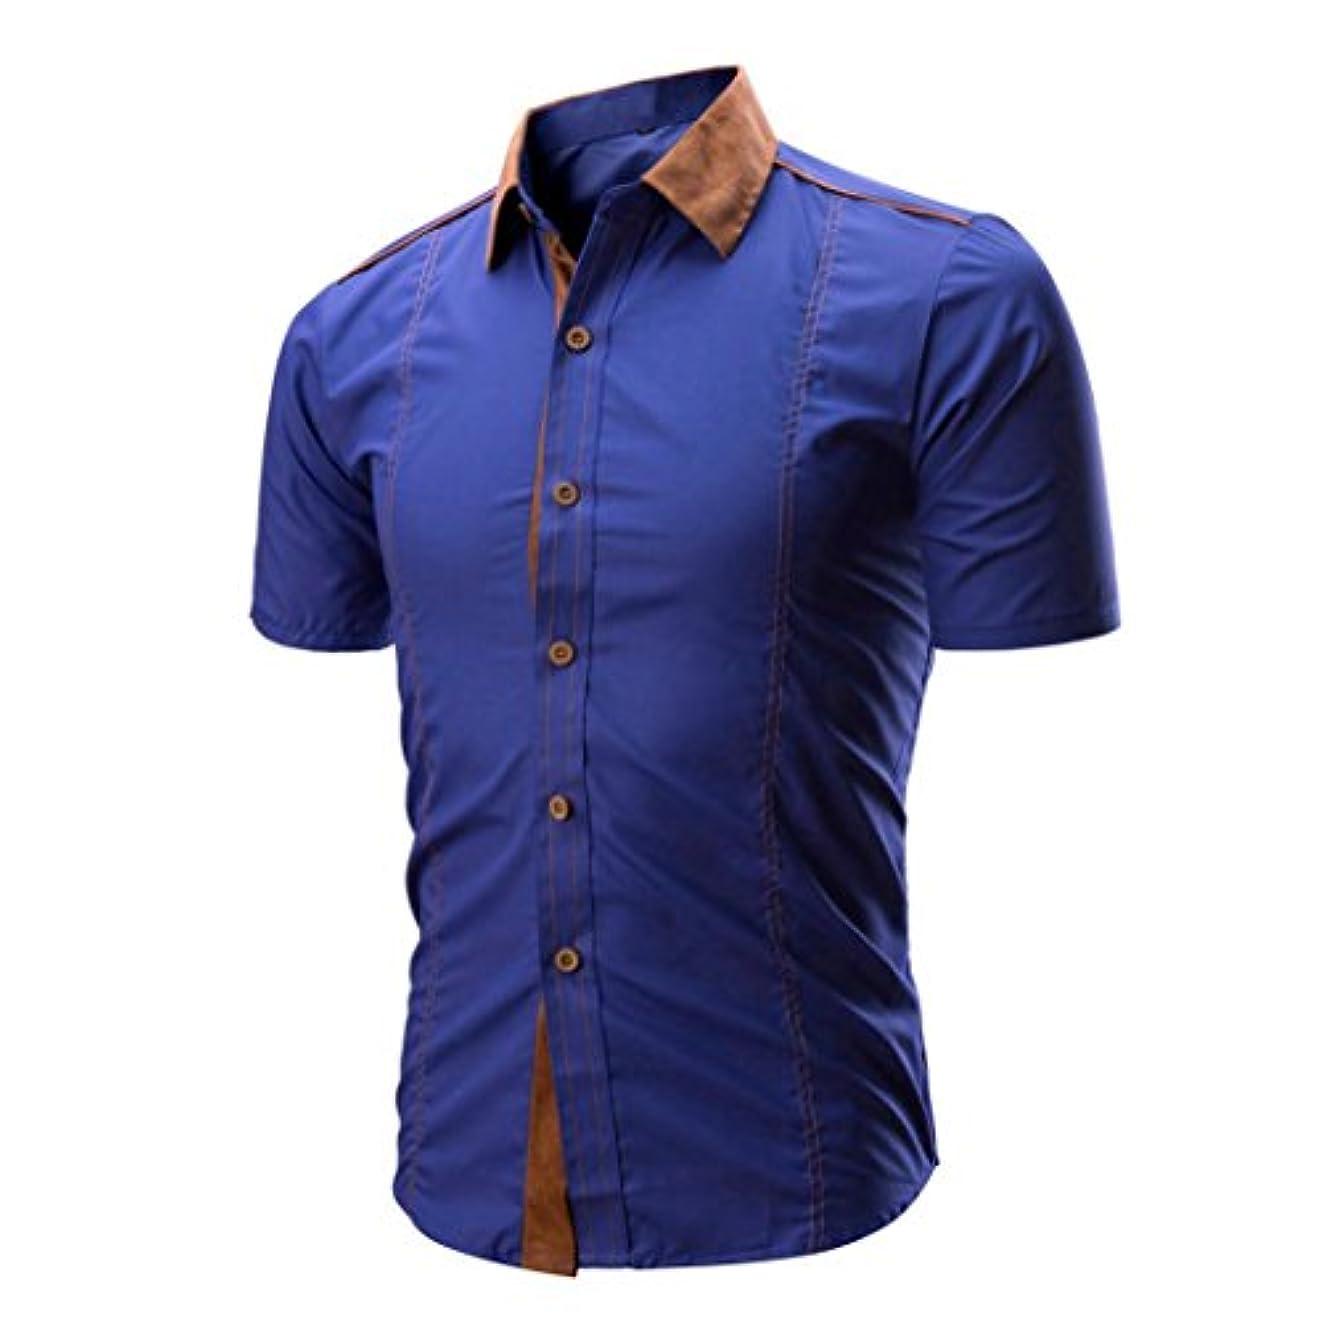 のホスト文字傾向があるHUYB 大きいサイズ 無地 スリム ビジネス カジュアル シンプル シャツ男性用 折襟 おしゃれ無地 Tシャツ カラー スプライス ベーシックメンズ シャツ